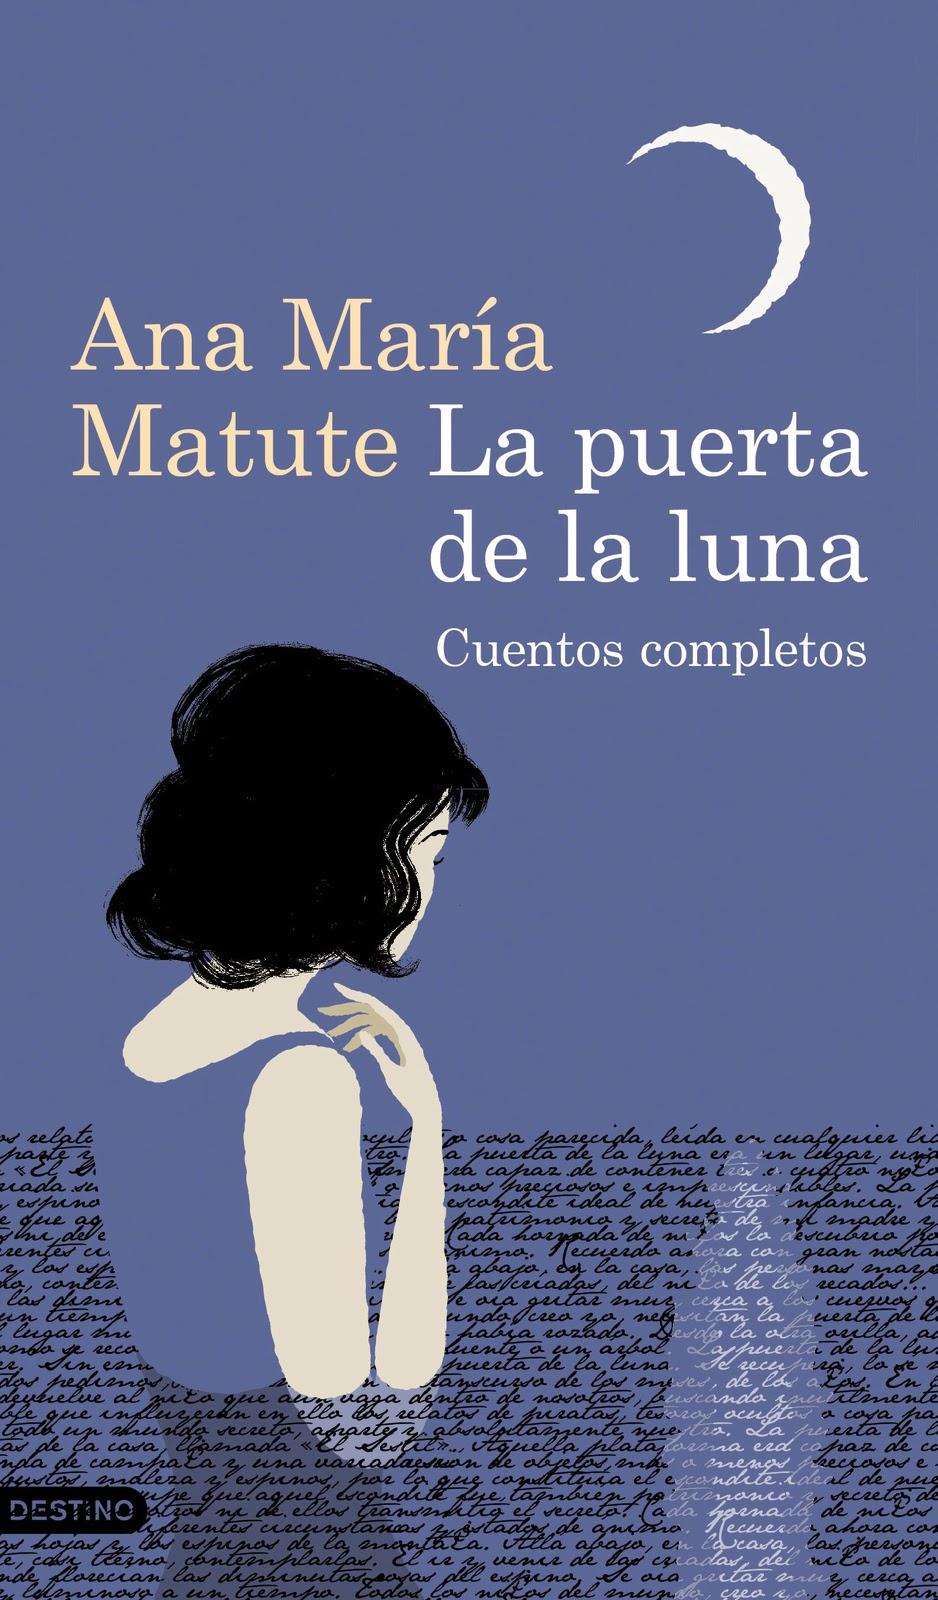 Ana Maria Puerta Nude Photos 75